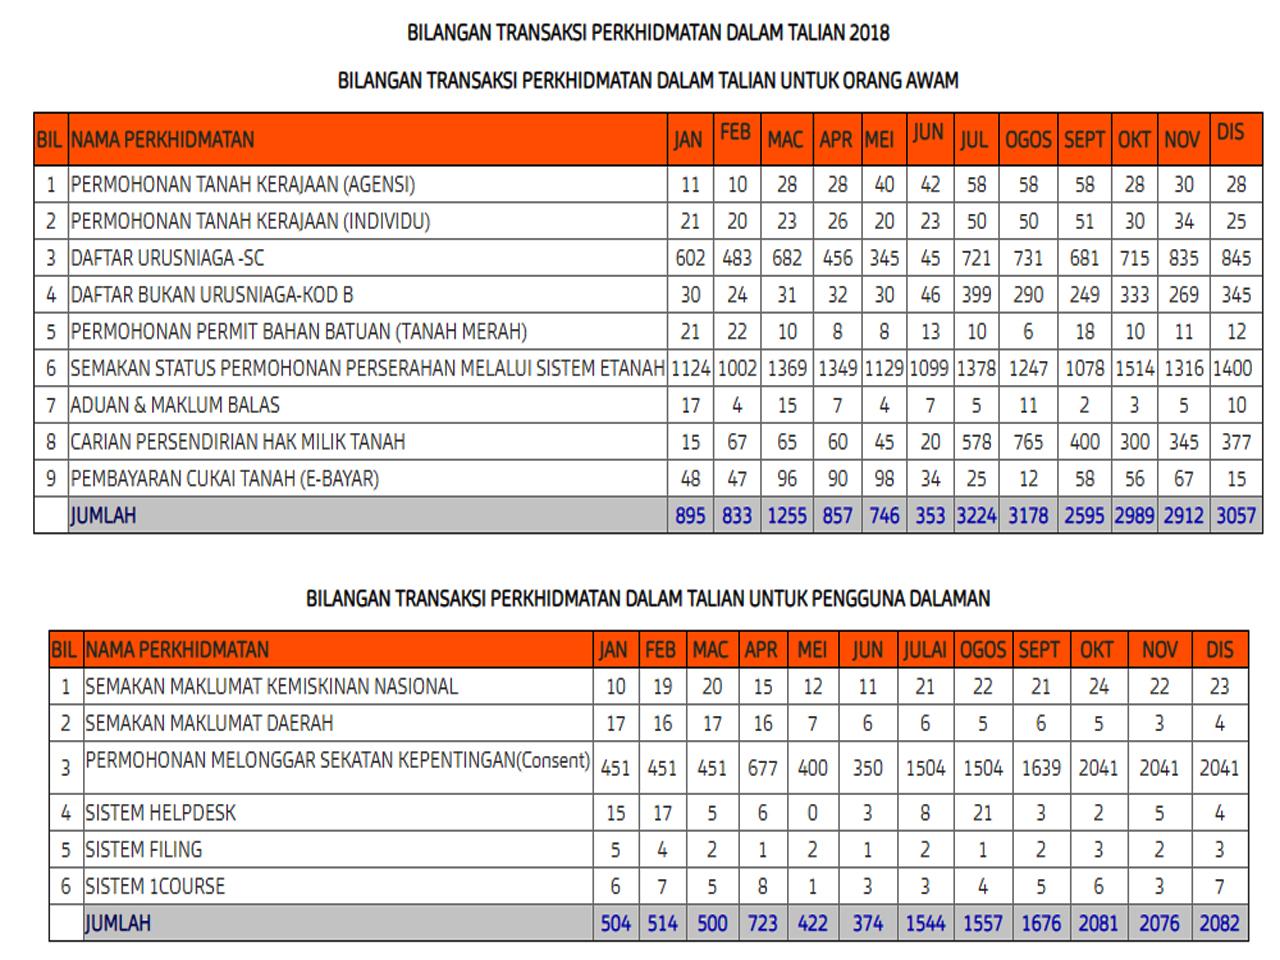 Pejabat Daerah Dan Tanah Melaka Tengah Bilangan Transaksi Perkhidmatan Dalam Talian